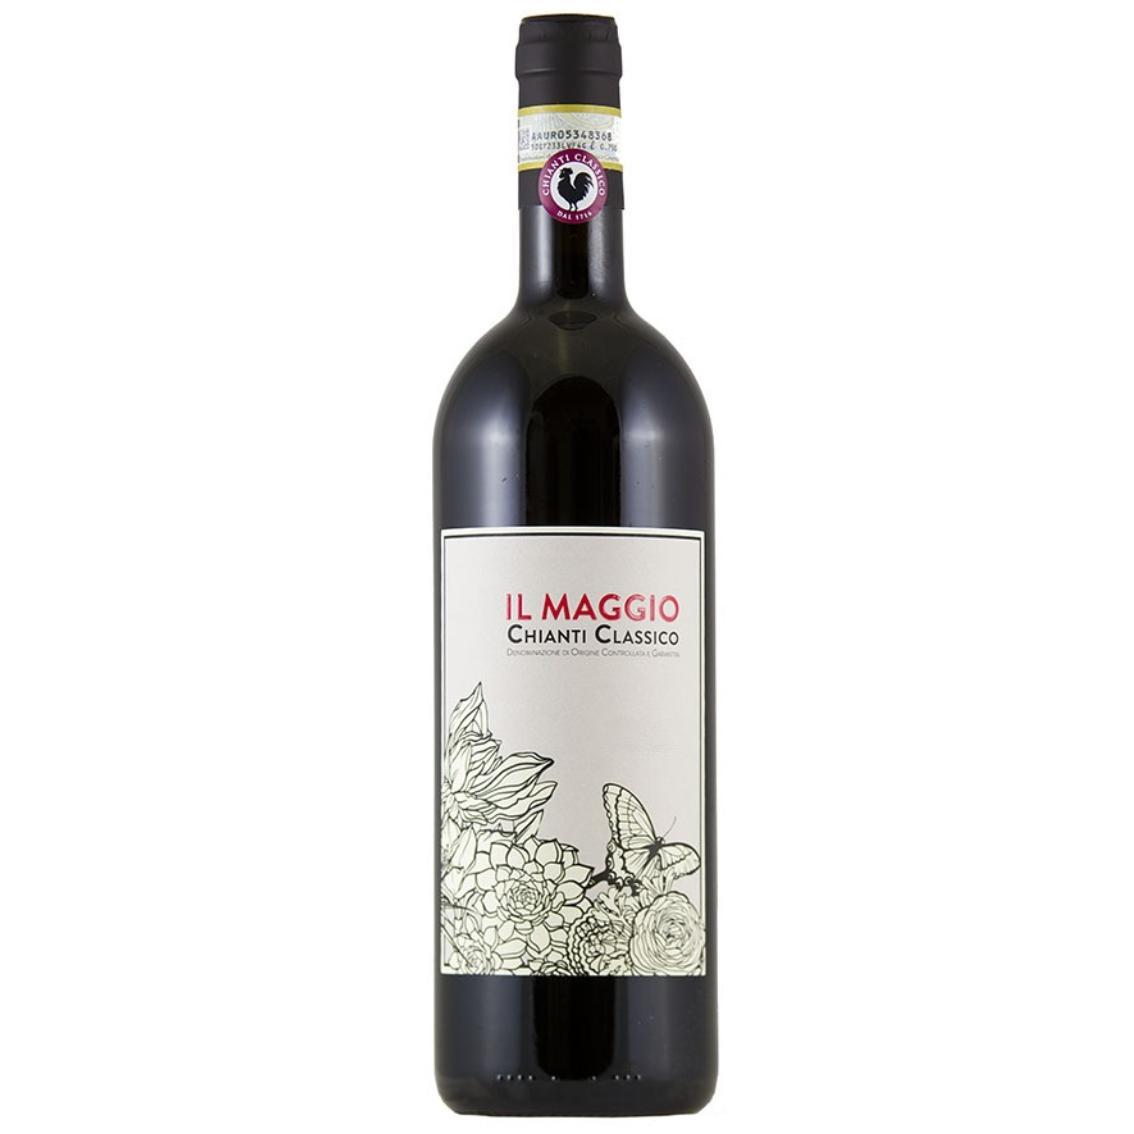 2011 Chianti Classico - Il Maggio